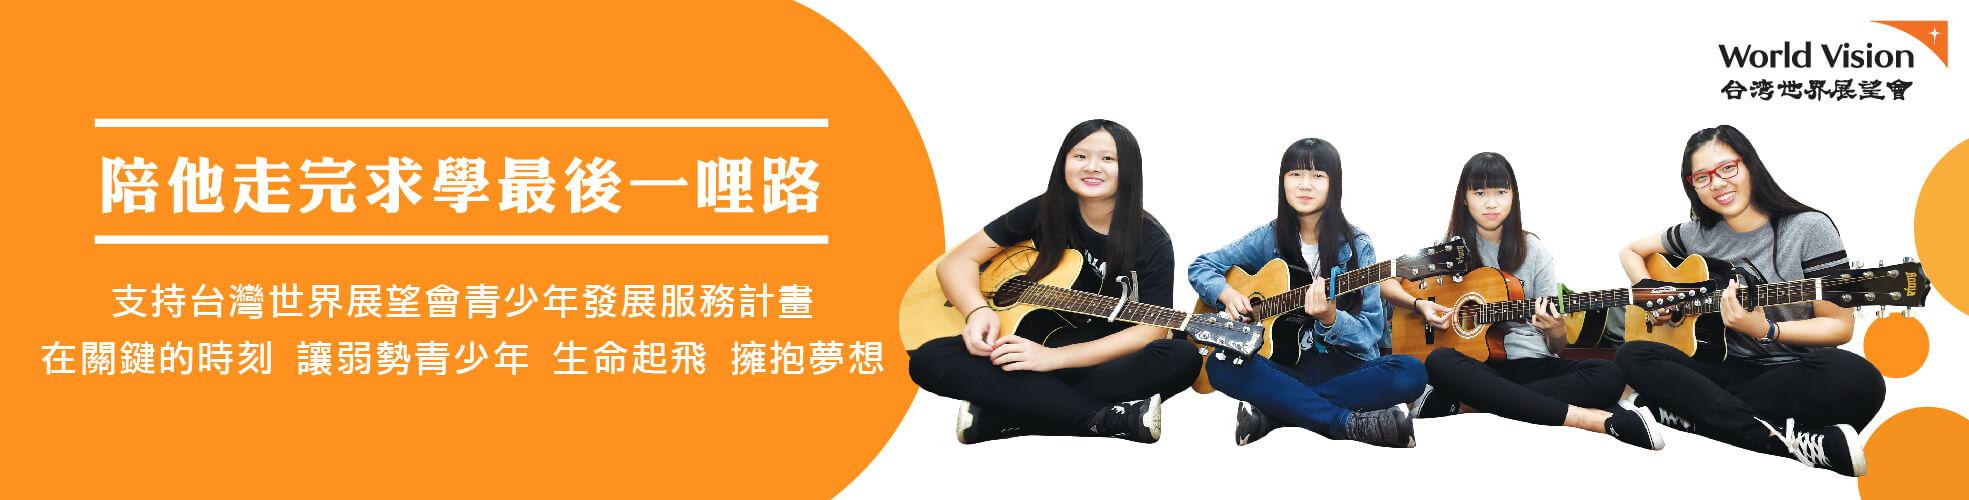 台灣世界展望會─青少年發展服務計畫